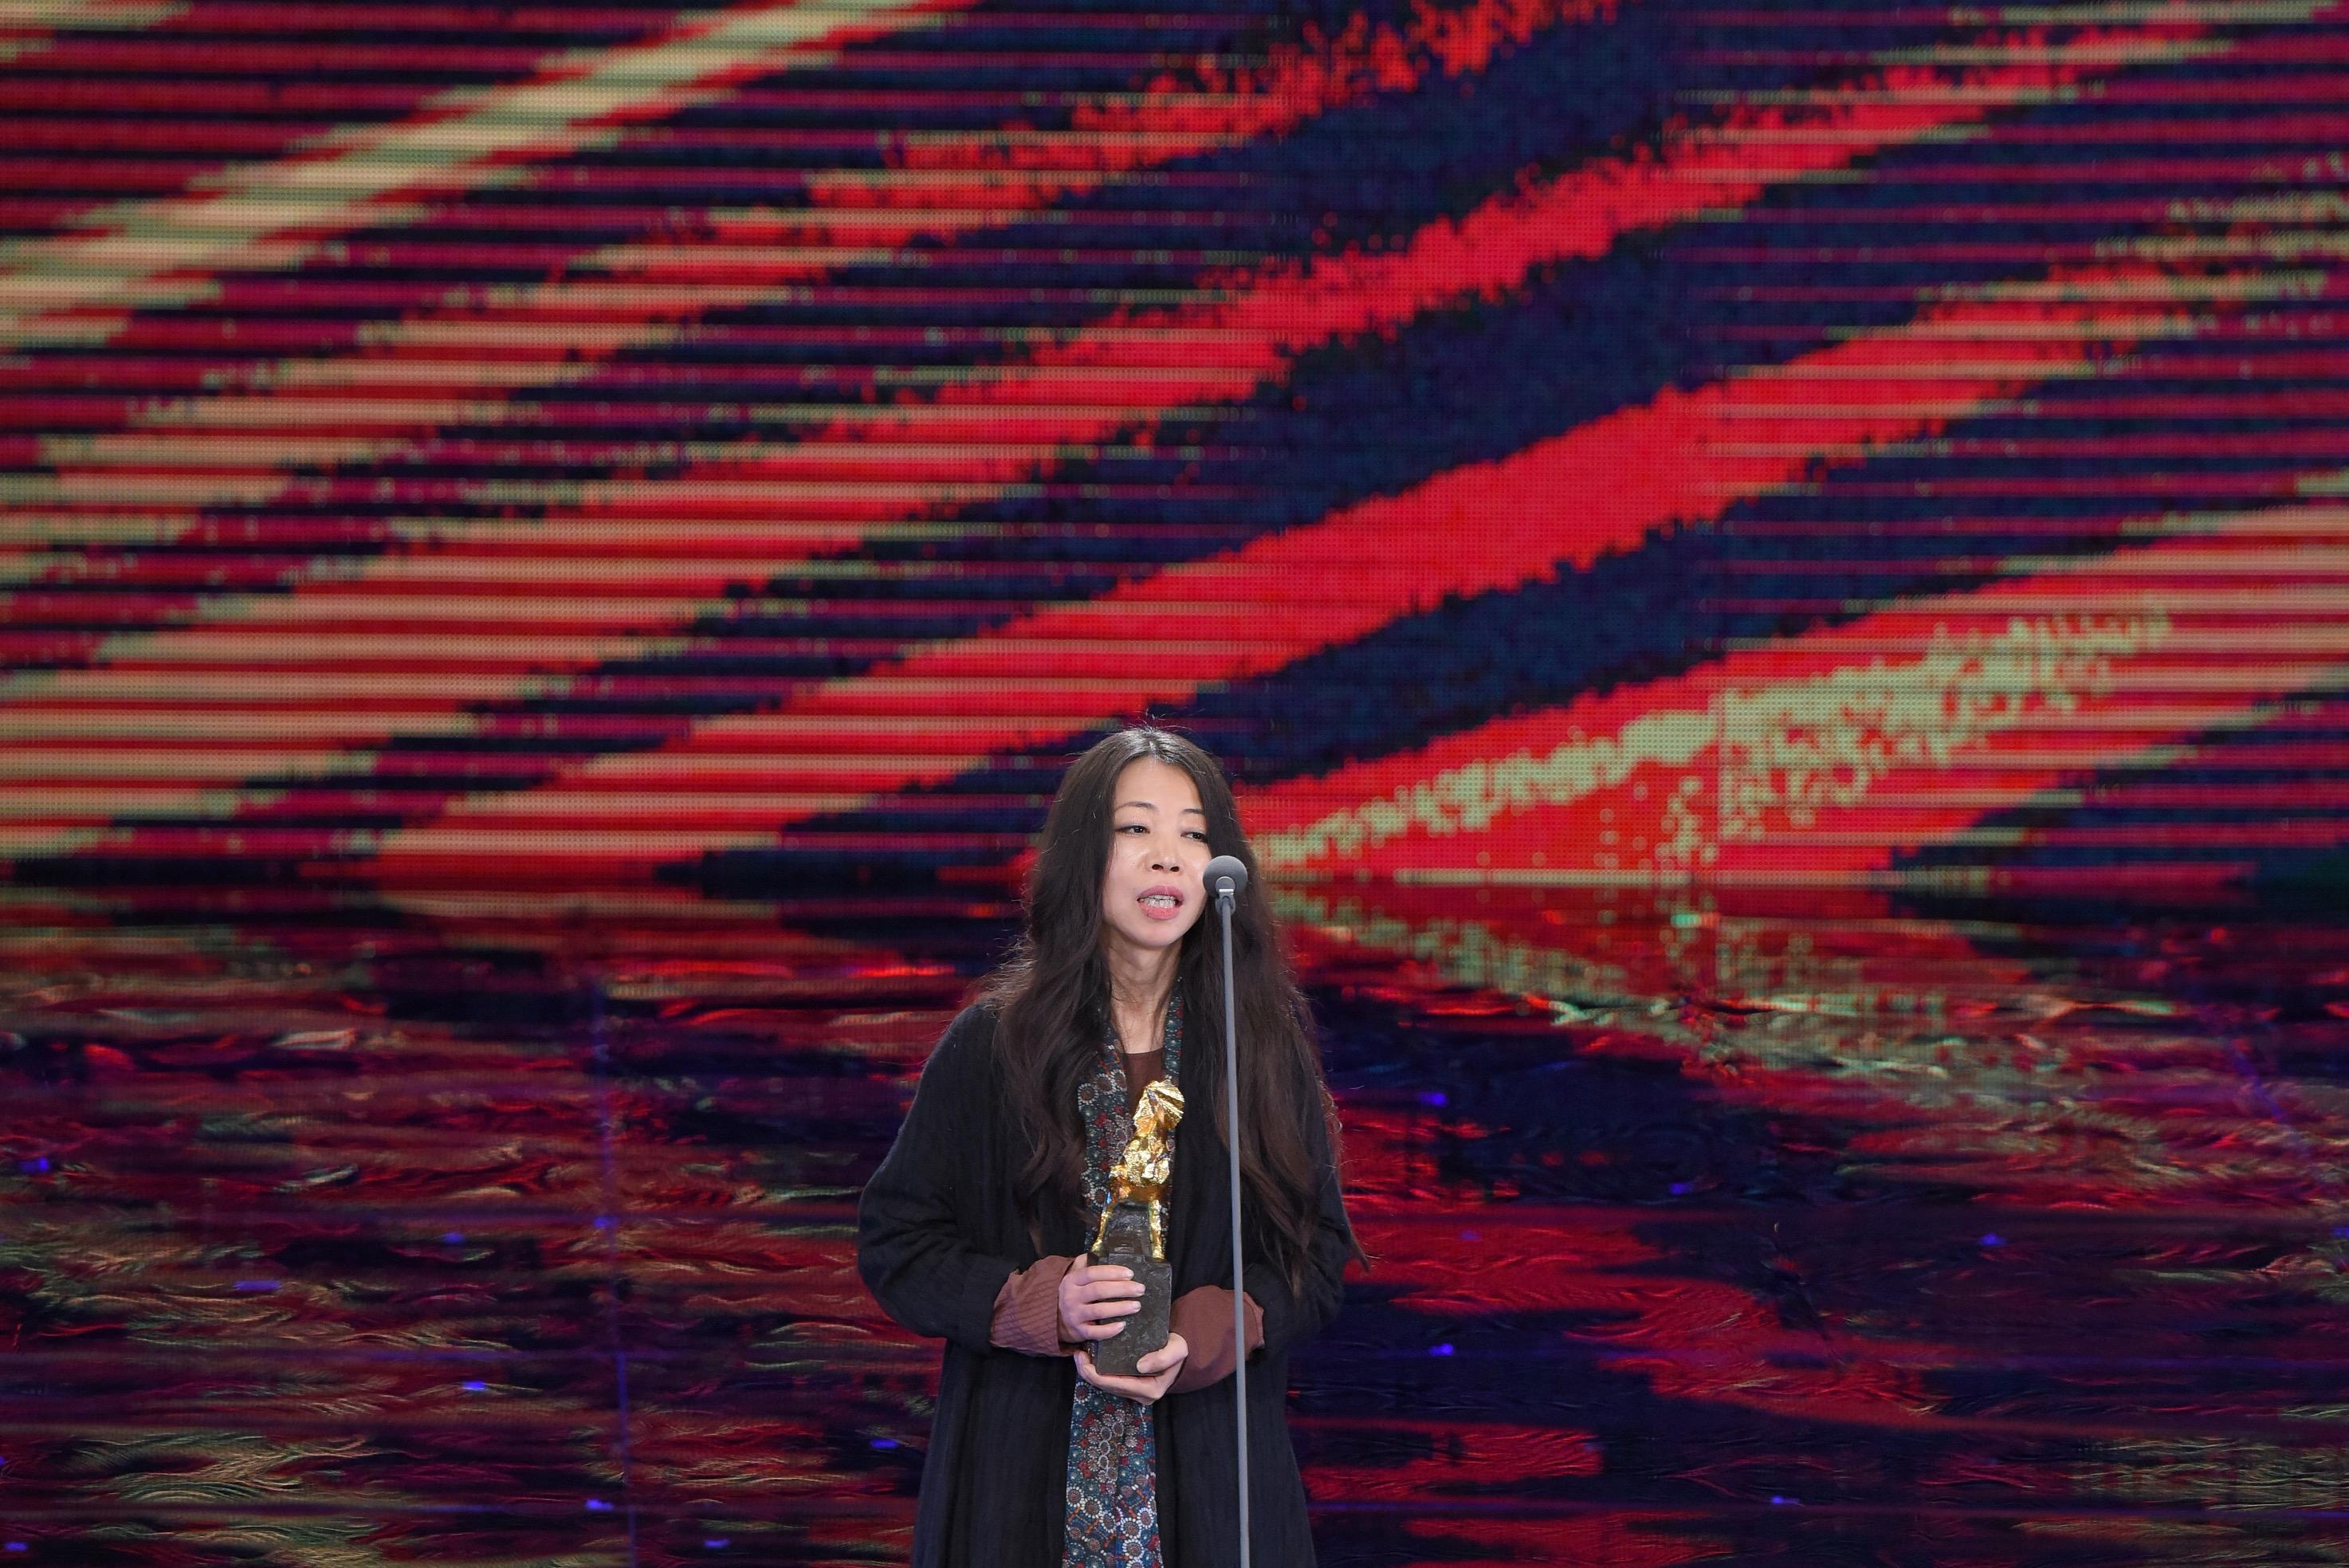 <p>第54屆金馬最佳紀錄片《囚》,導演馬莉在獲獎詞中說道:「這個獎對於我們這種待被清理的低端者,很重要! 」(影像:金馬執委會提供) </p>